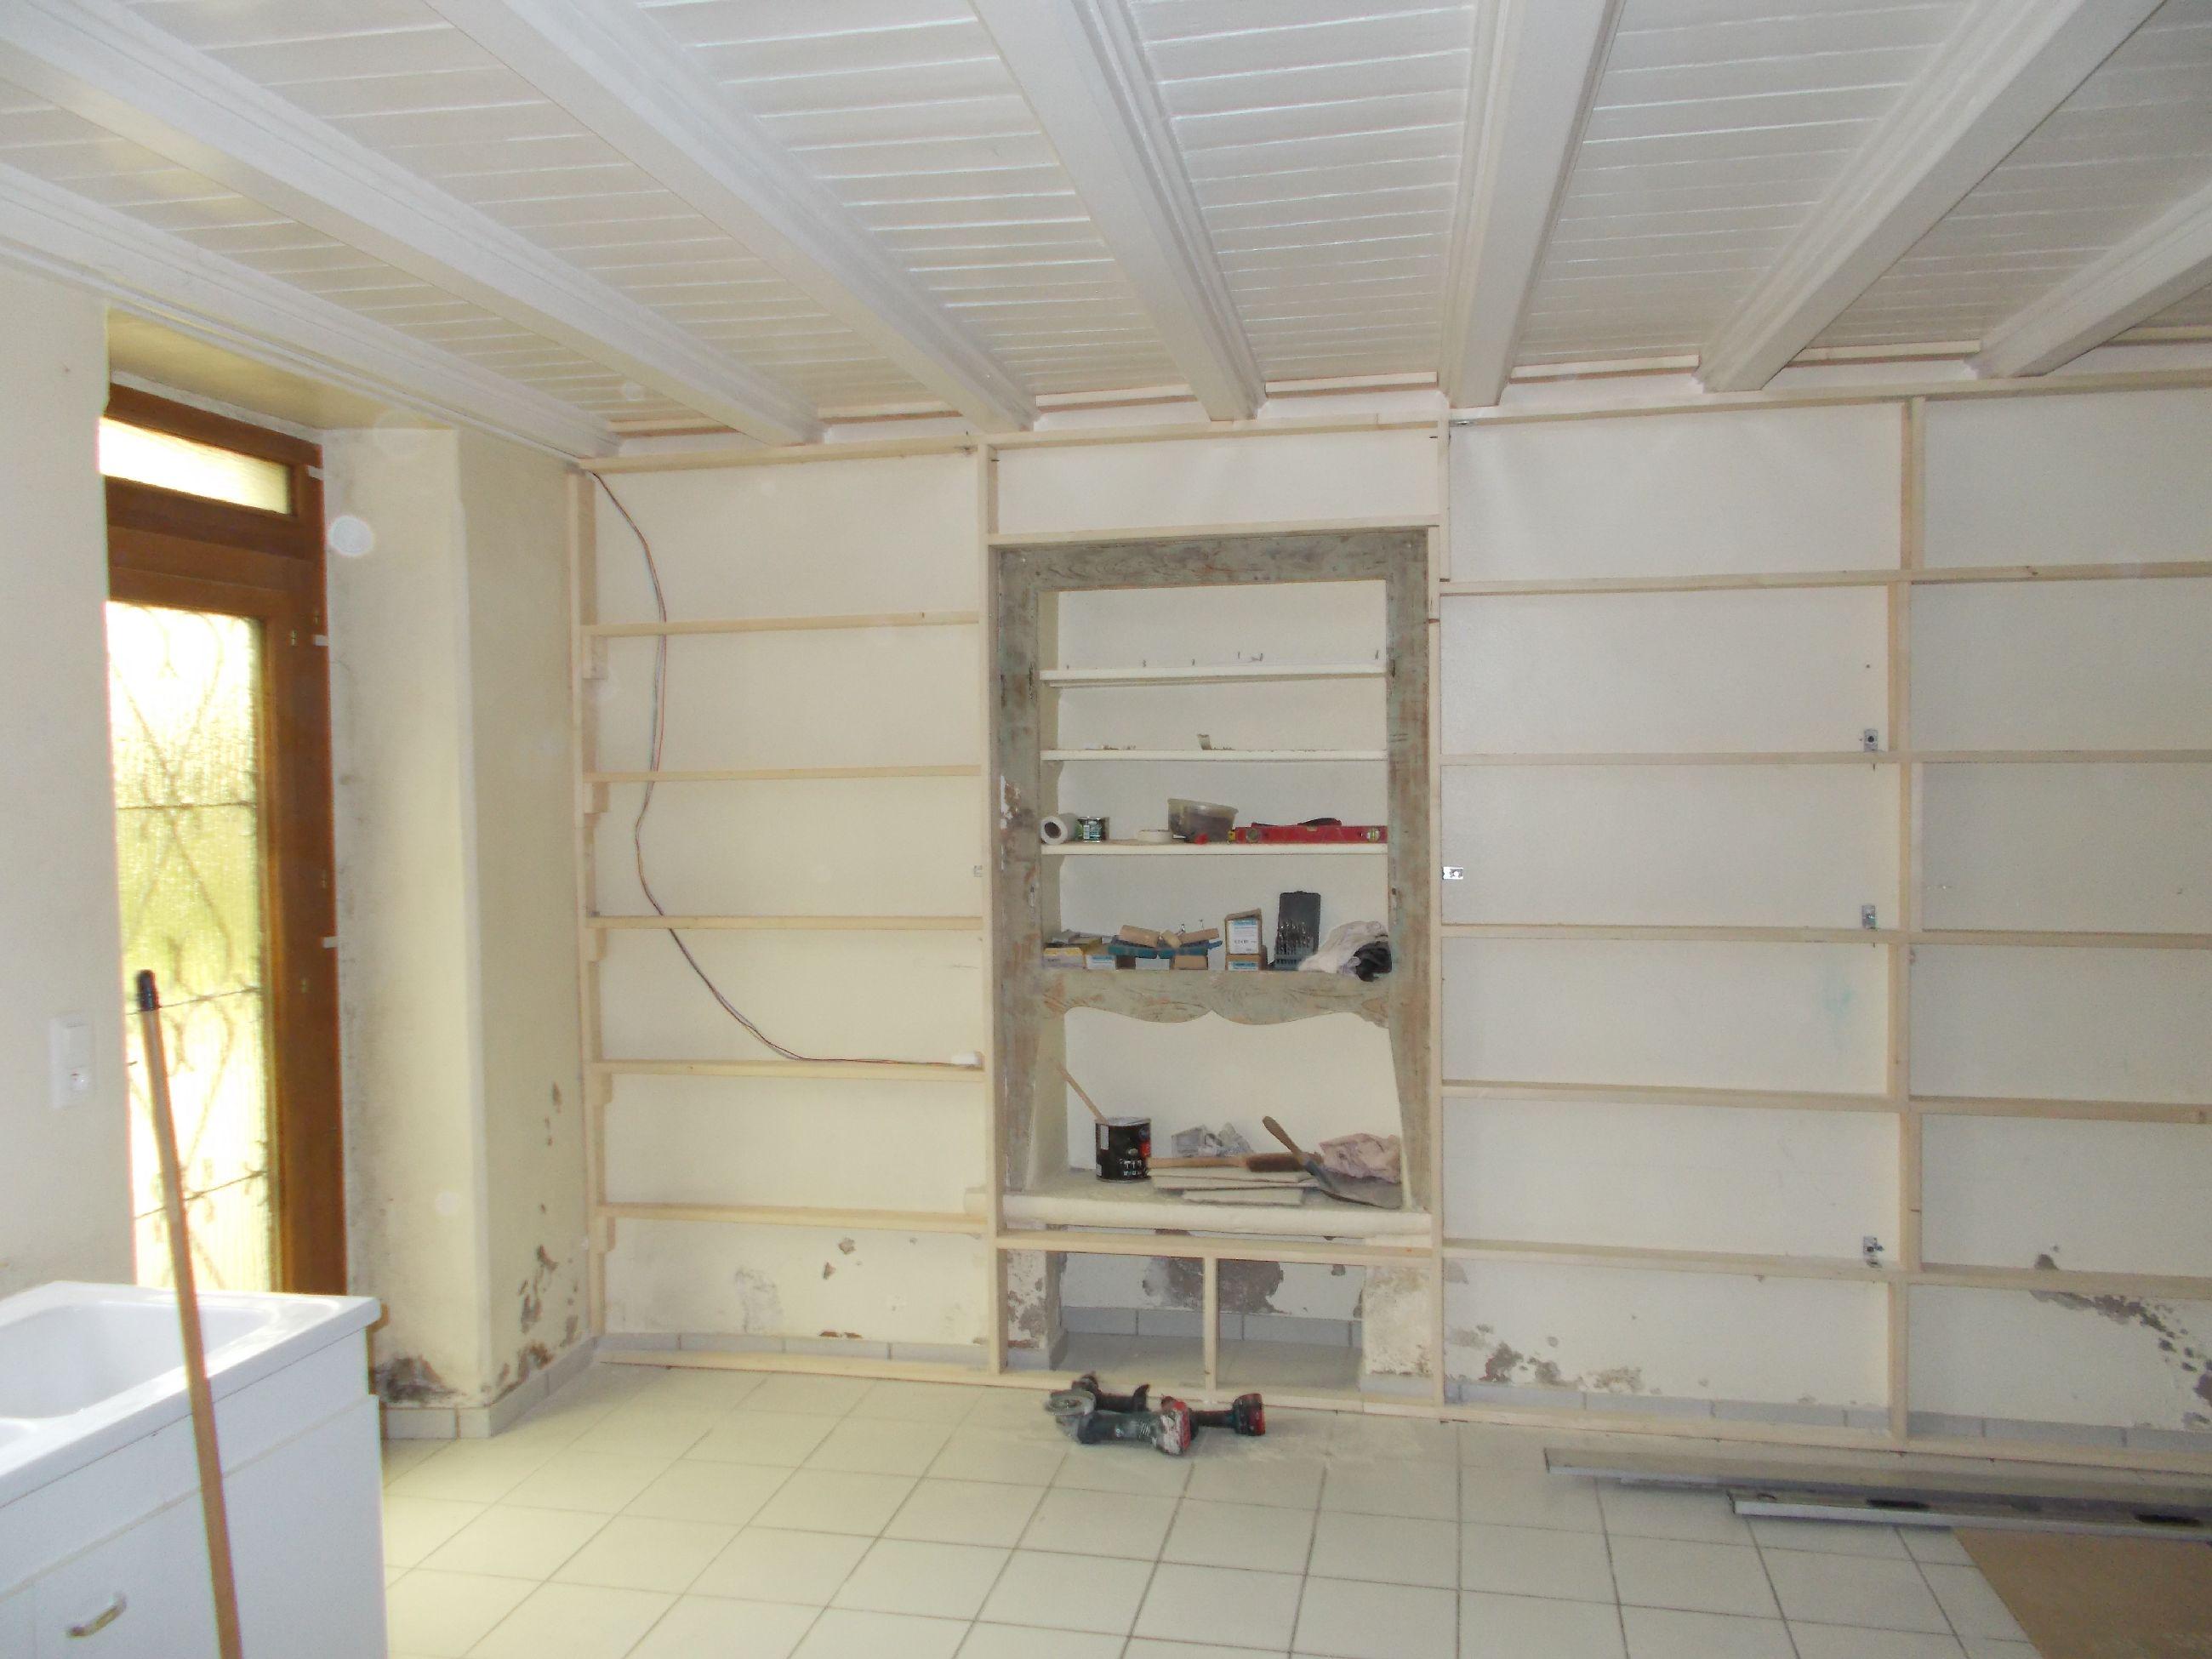 r alisations isolation thermique par l 39 int rieur. Black Bedroom Furniture Sets. Home Design Ideas